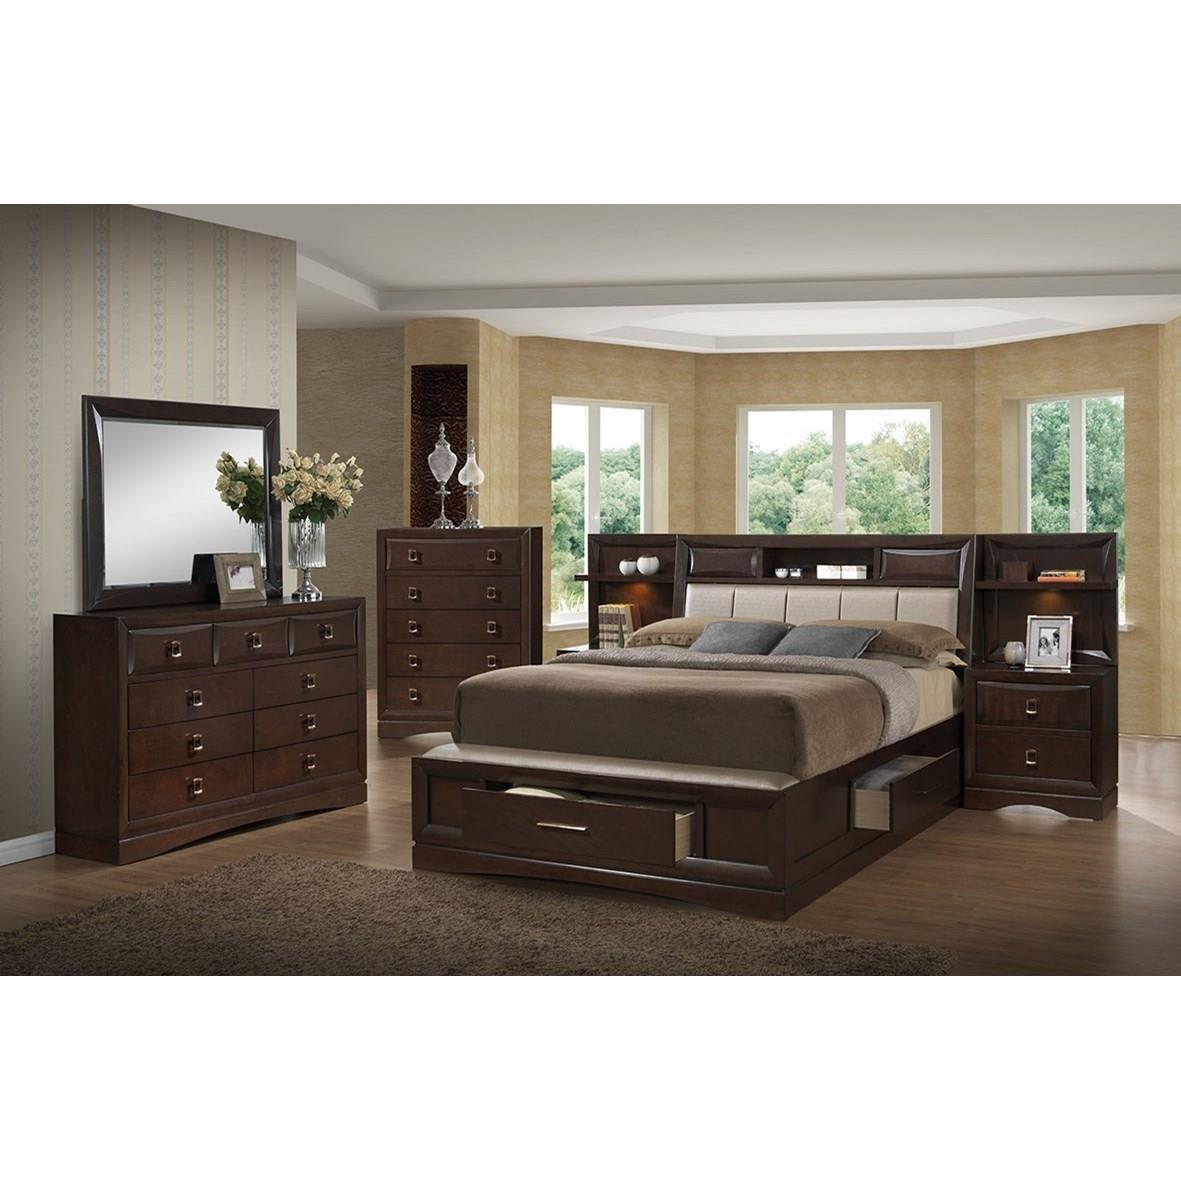 Holland House Franklin Queen 4-Piece Bedroom Group - Item Number: 5516 Queen Bedroom Group